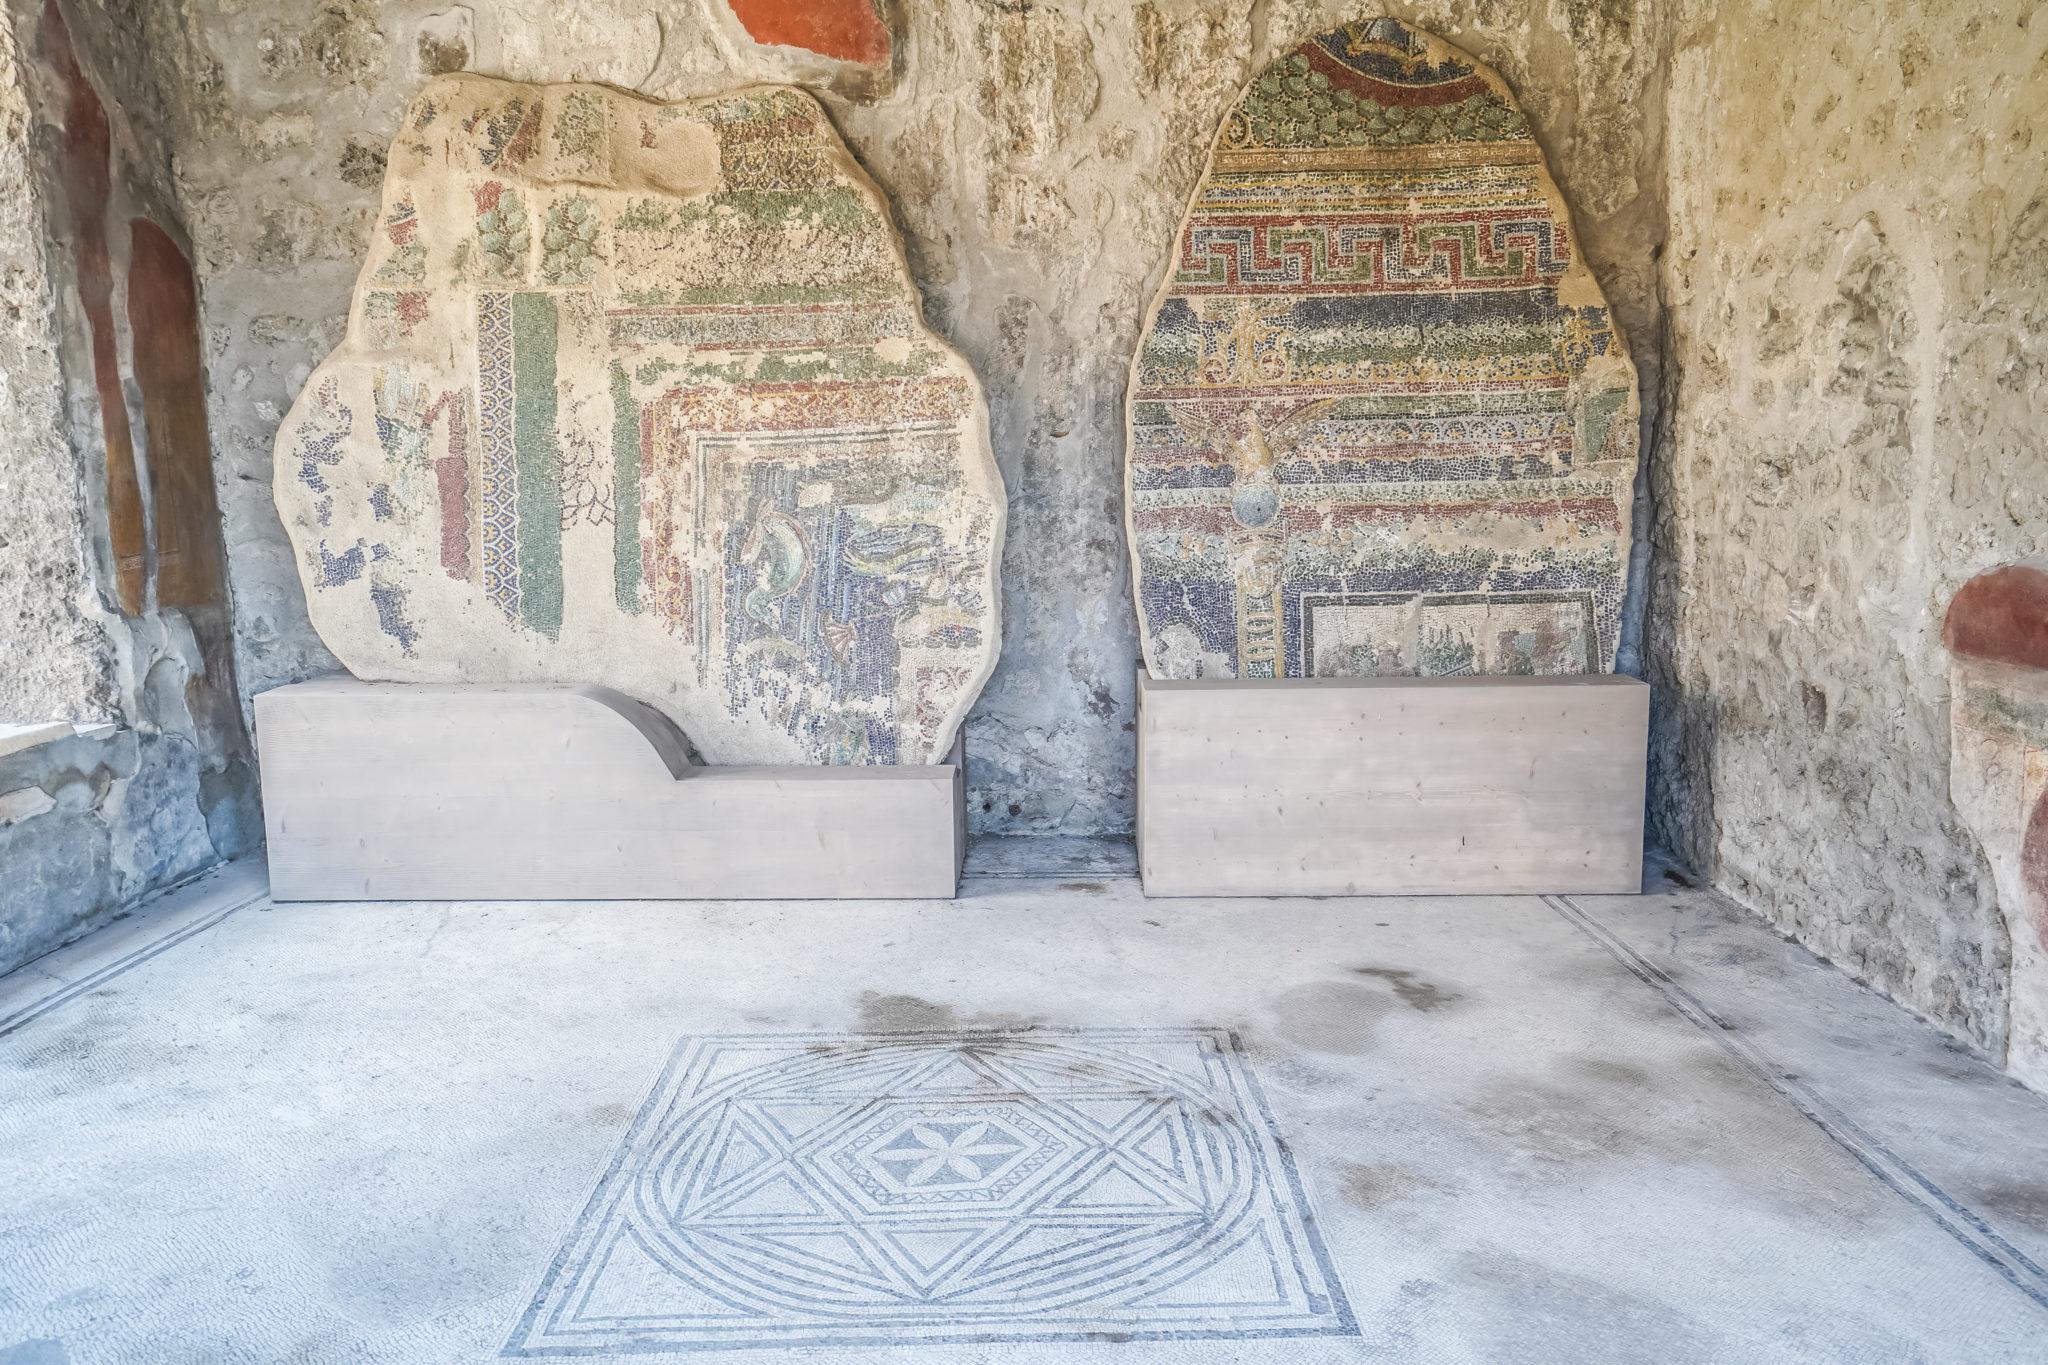 Visite-pompei-comment-maison-fresque-mozaique